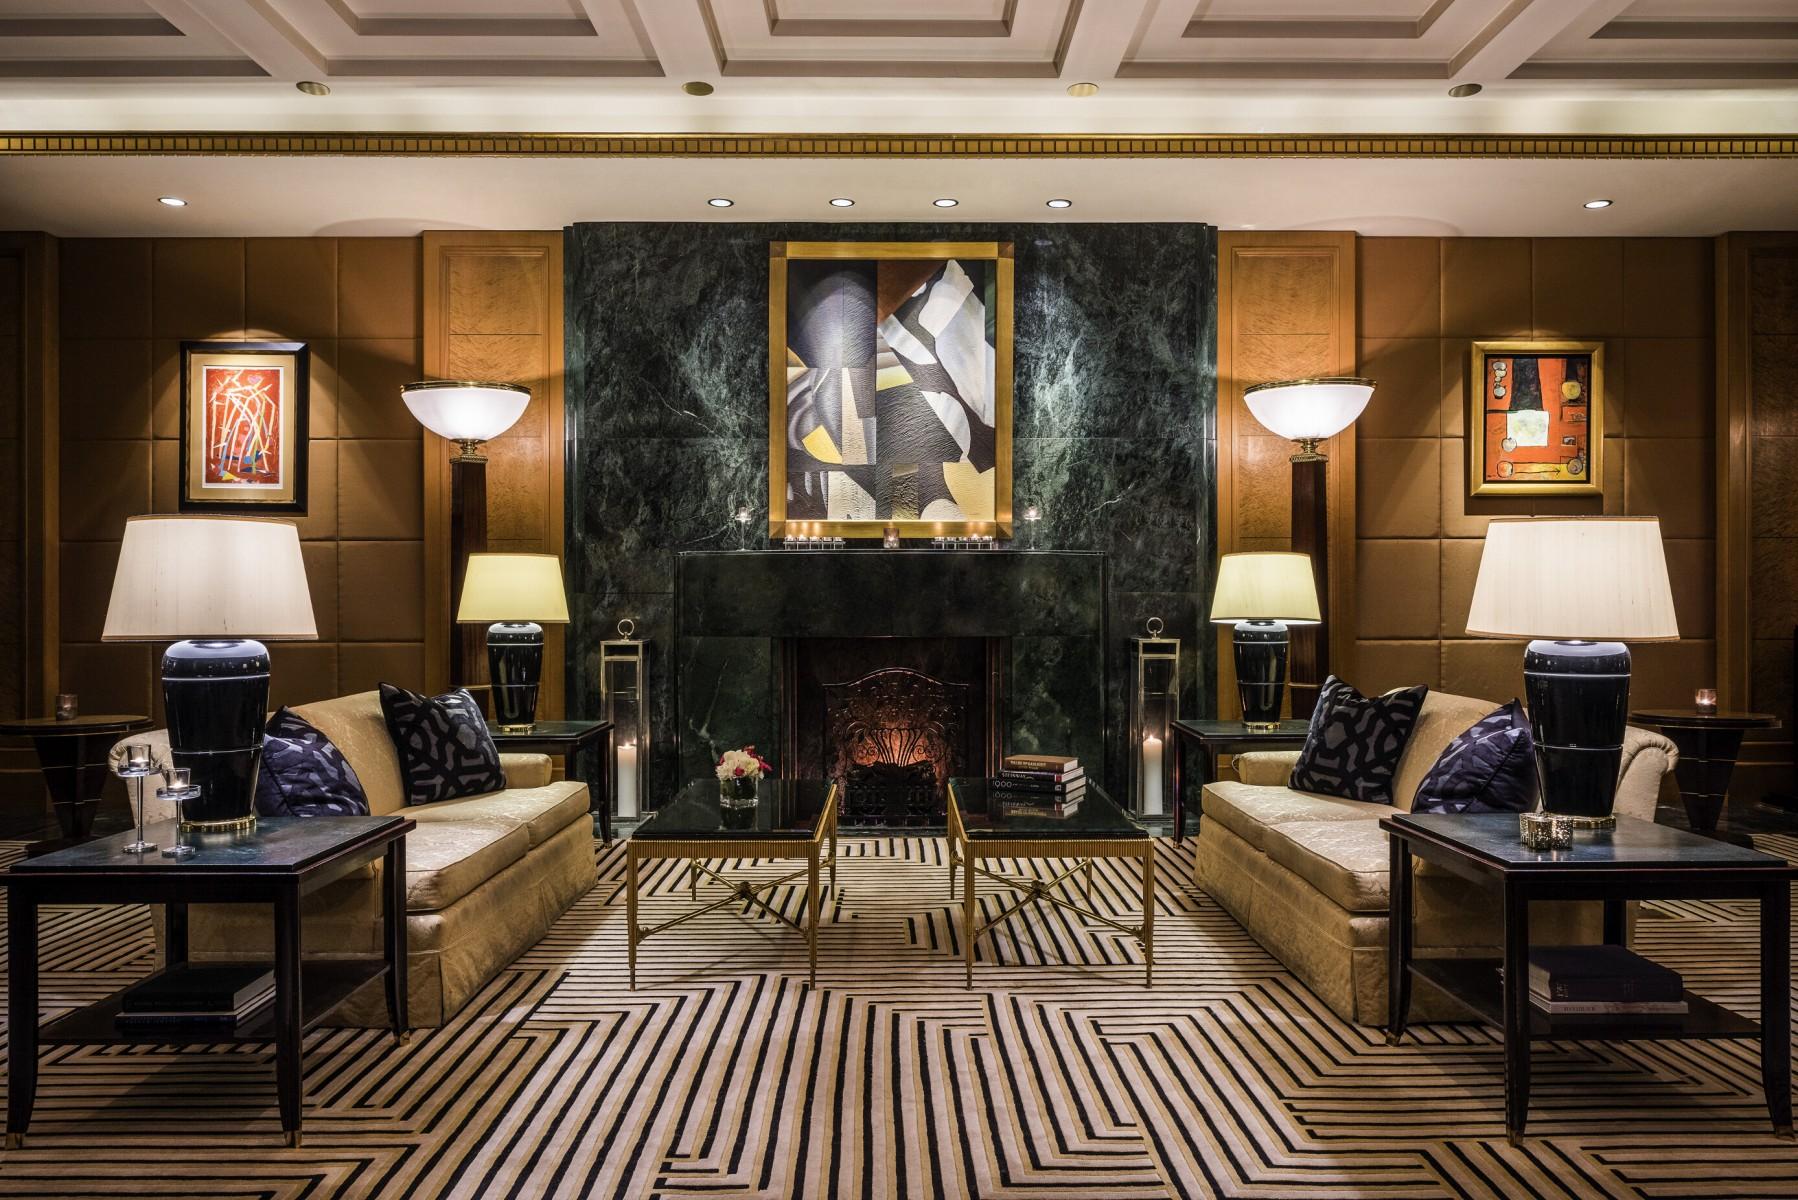 Sofitel New York Lobby Fireplace